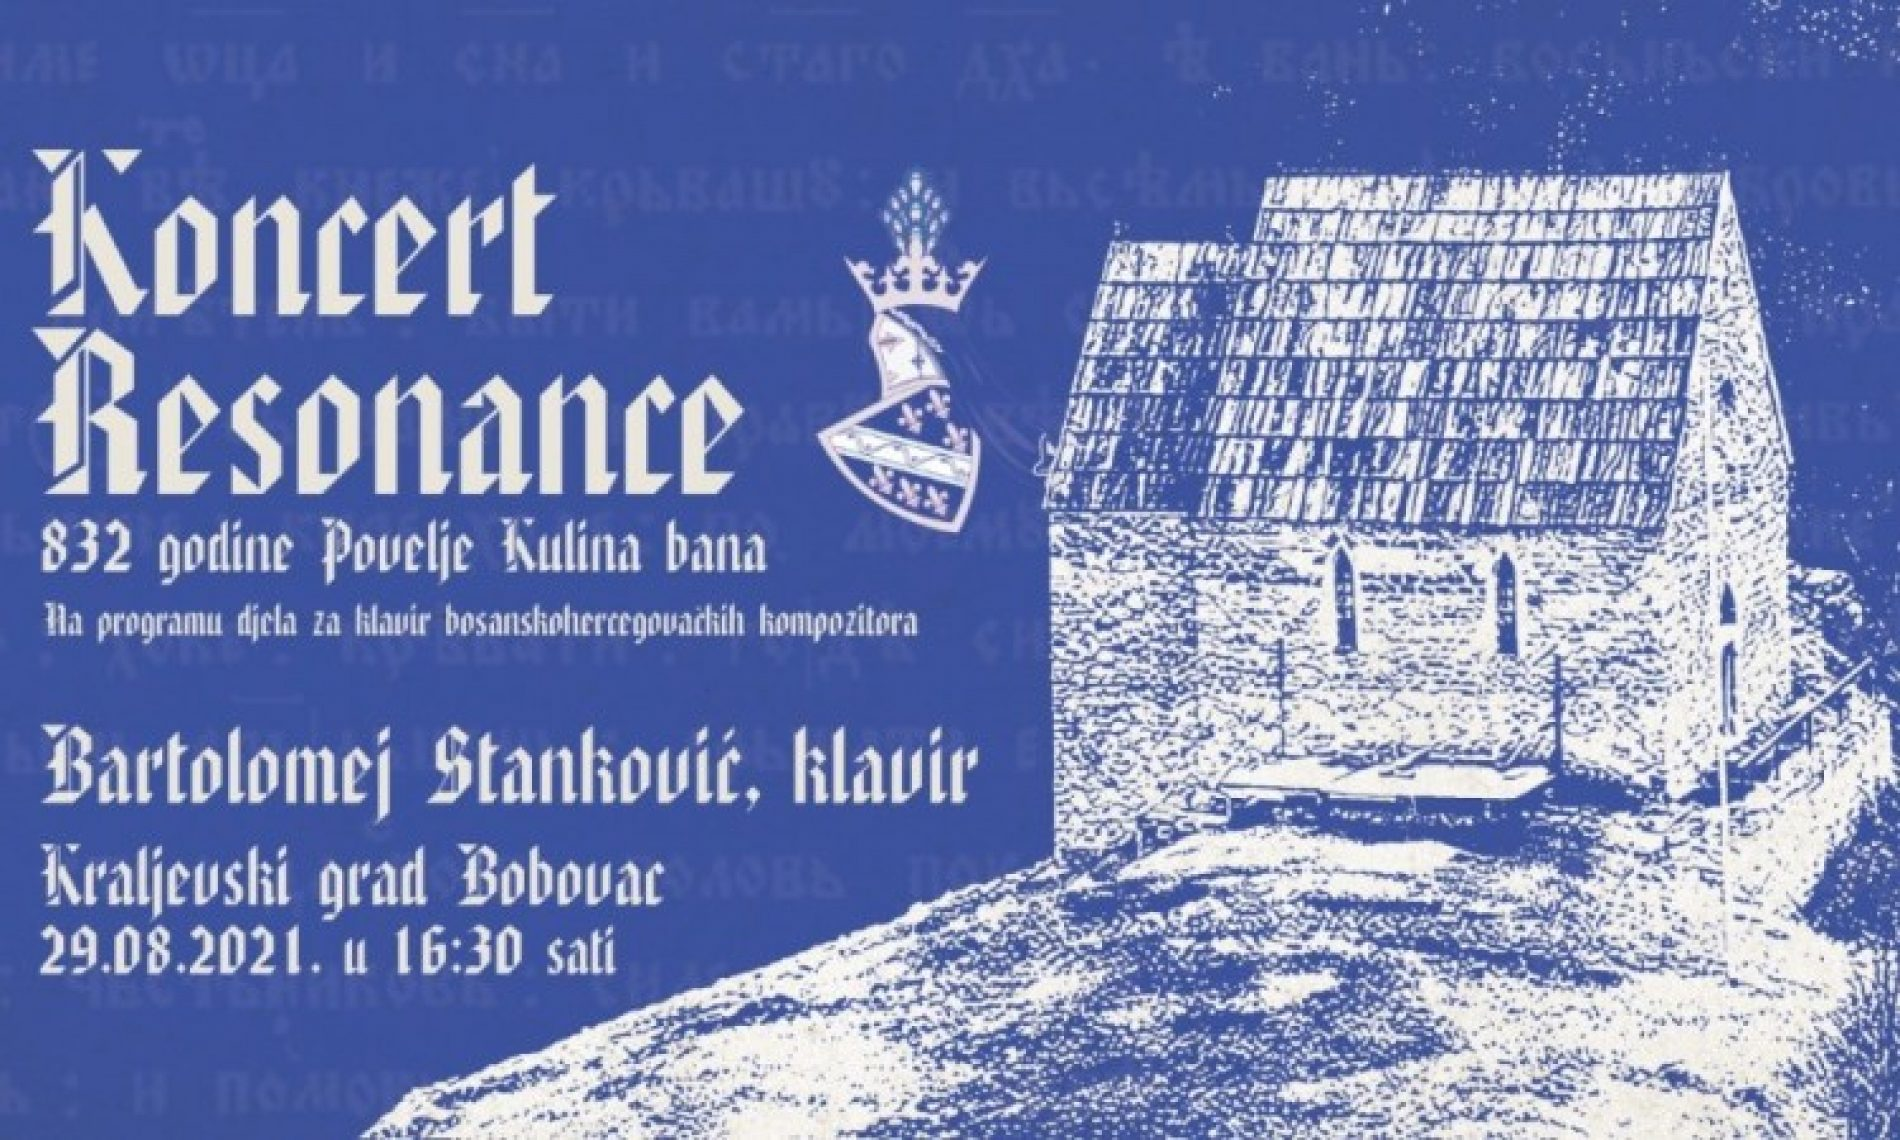 Obilježavanje 932. godišnjice Povelje Kulina bana – koncert na Bobovcu, tribina u Tuzli